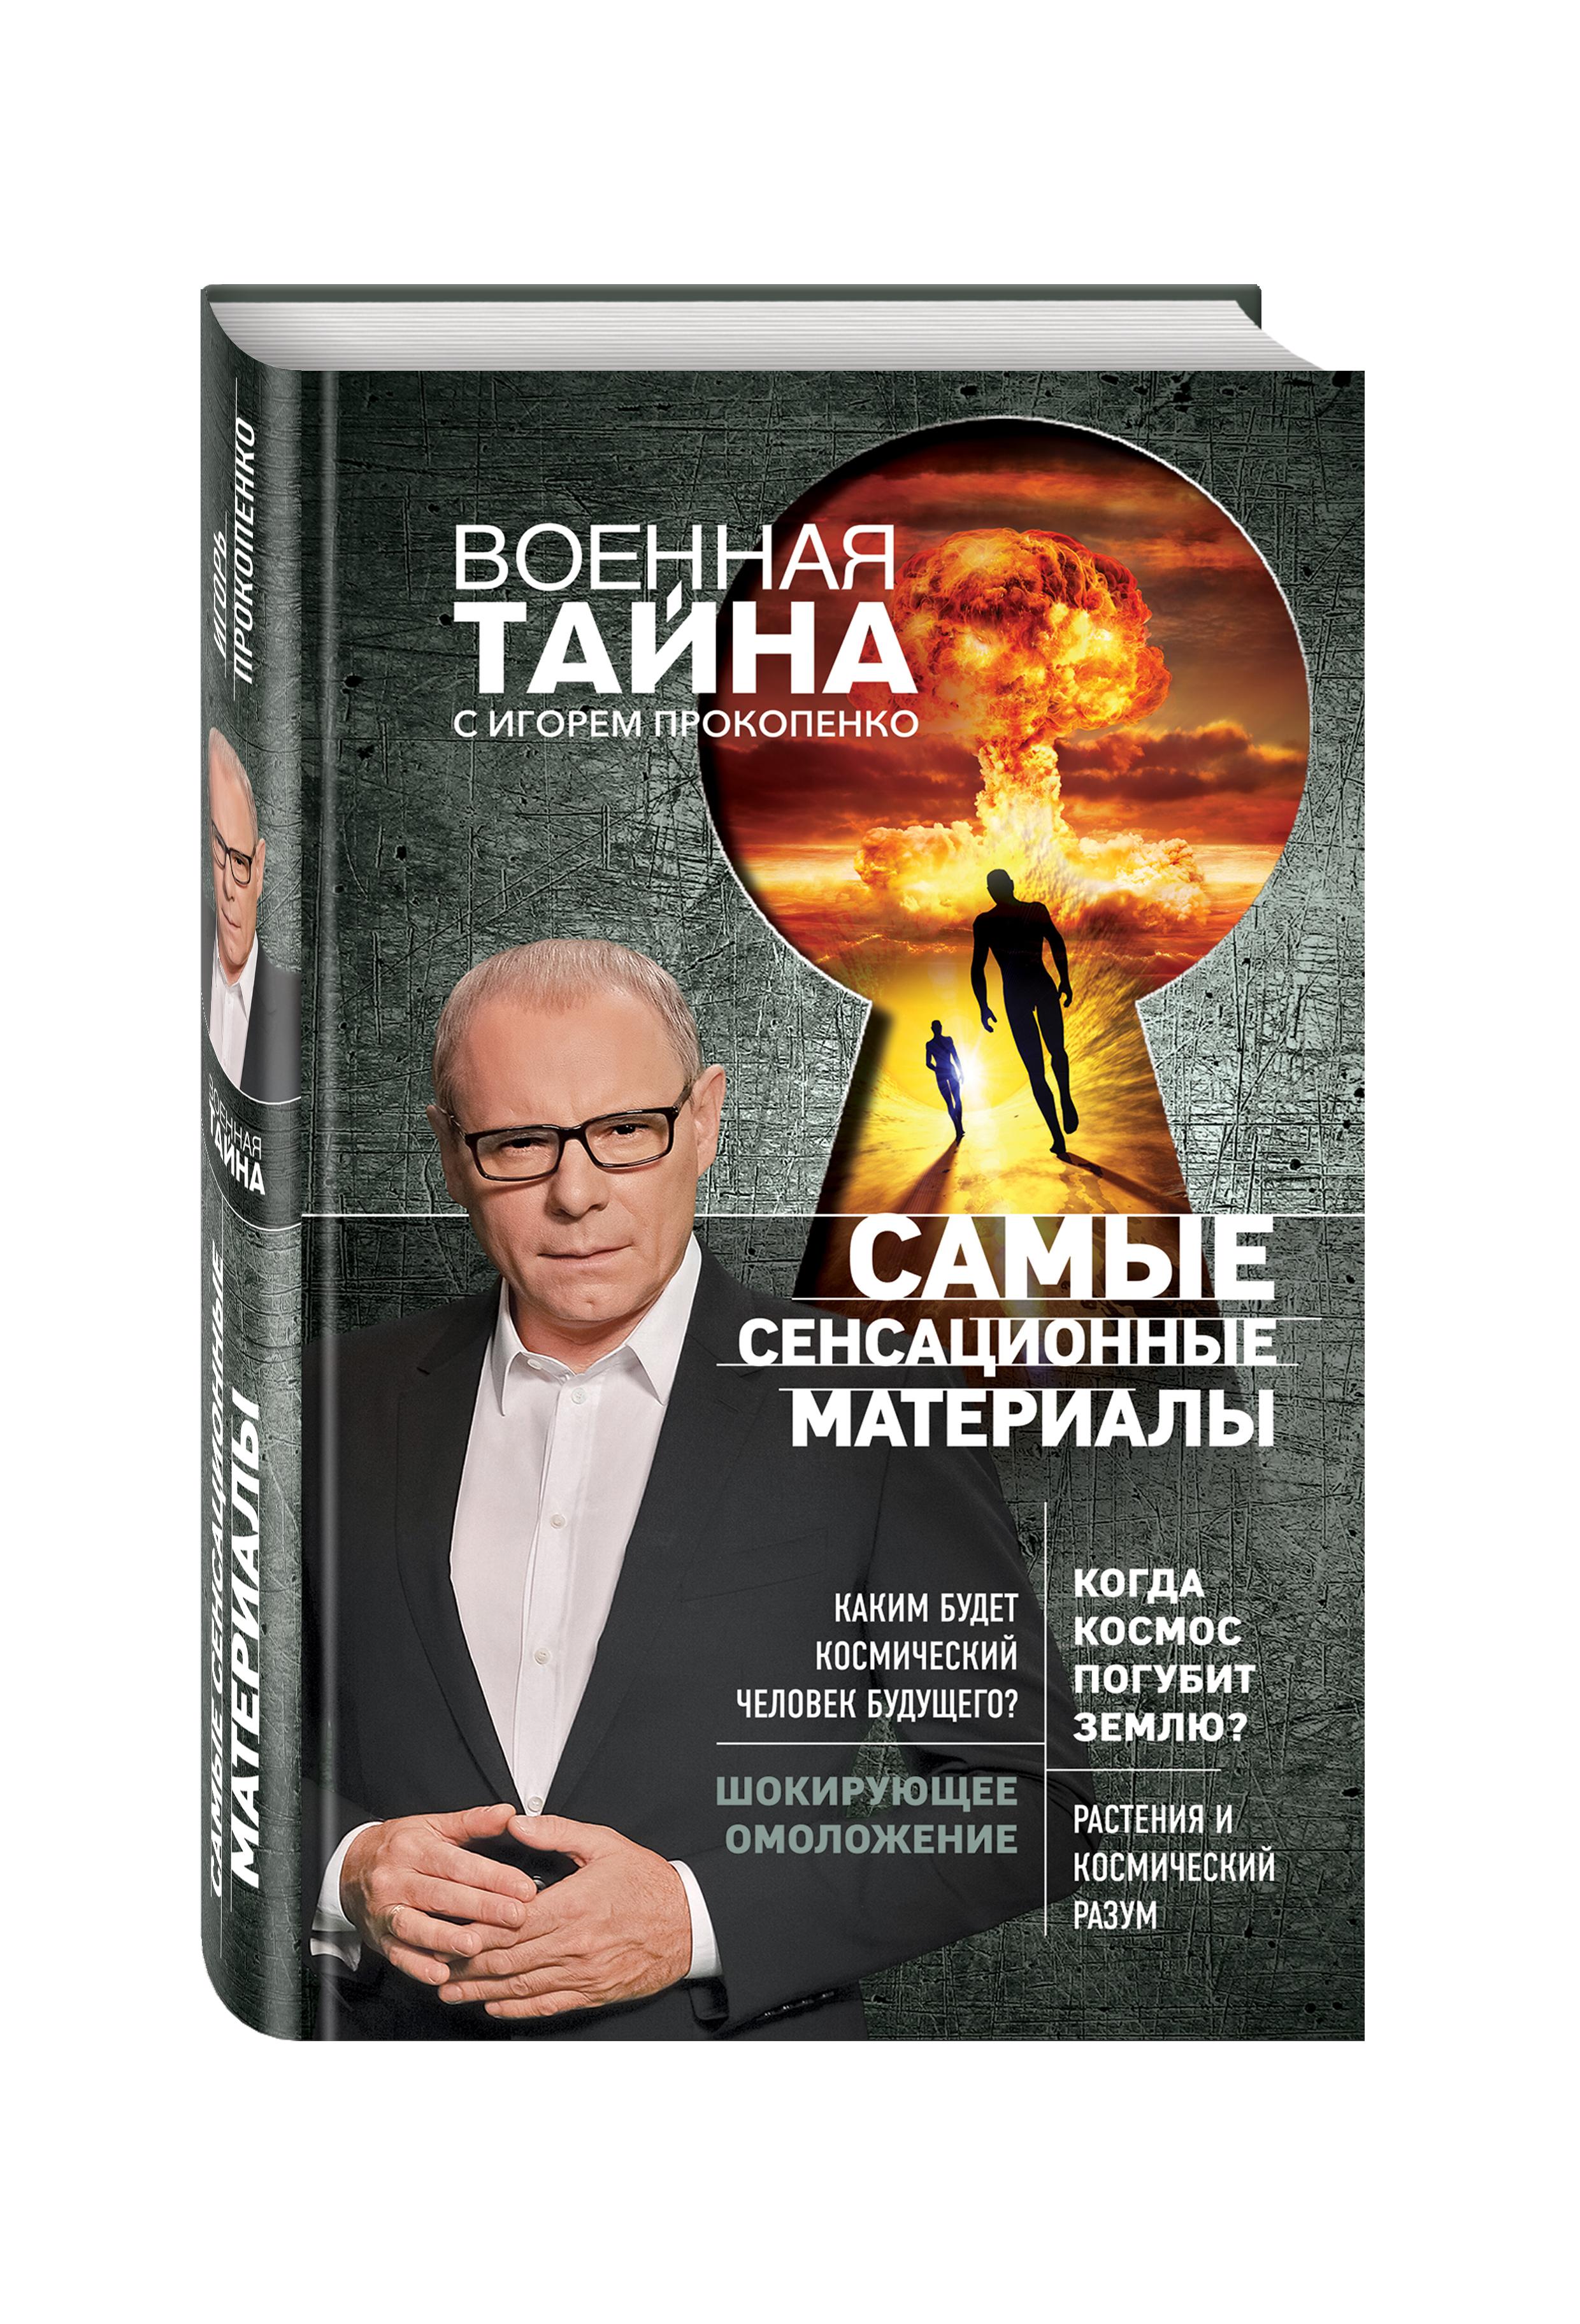 Самые сенсационные материалы от book24.ru